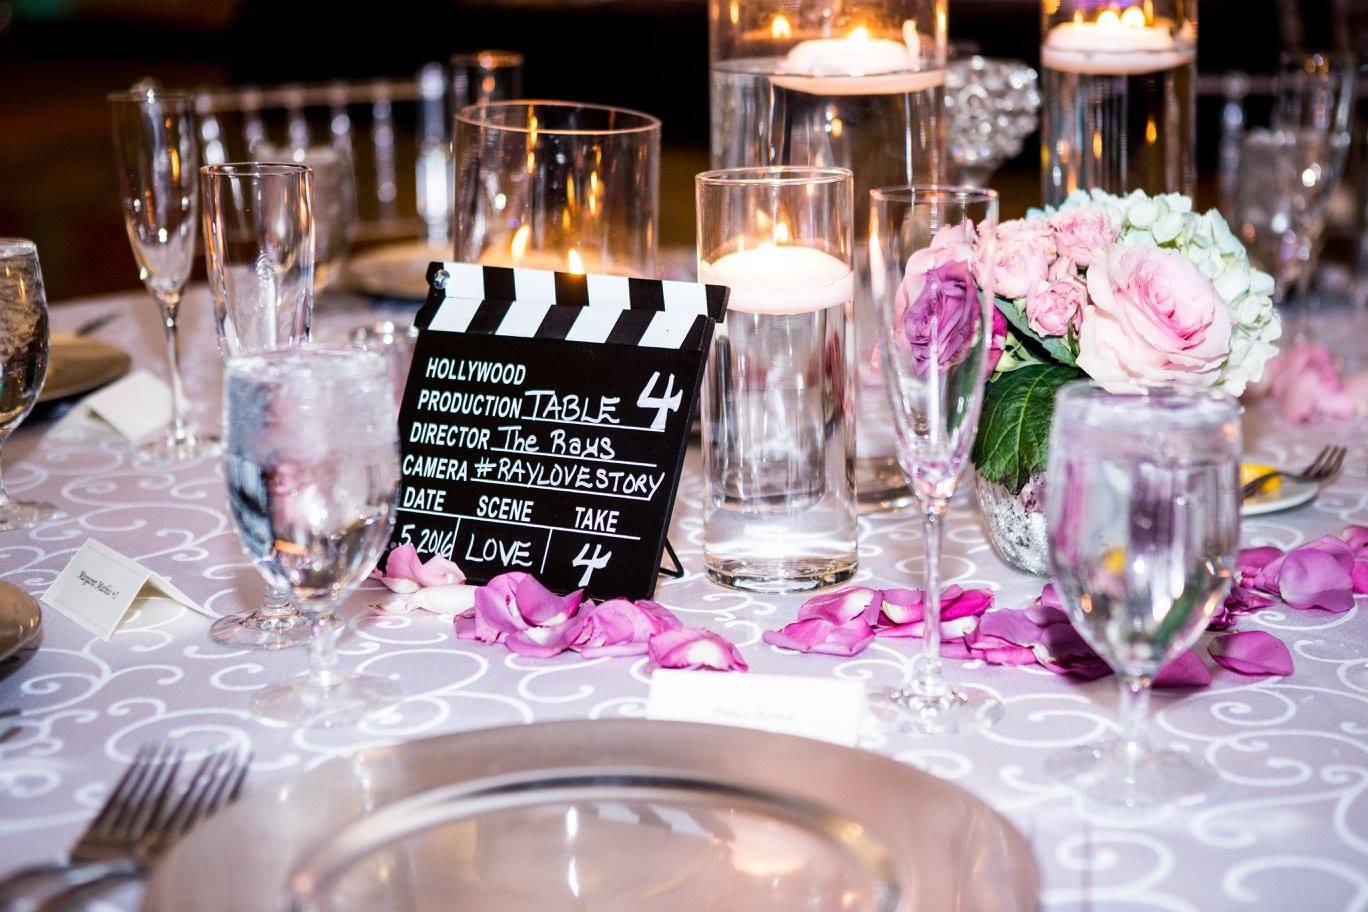 Real Royal Weddings: Lights, Camera, Action